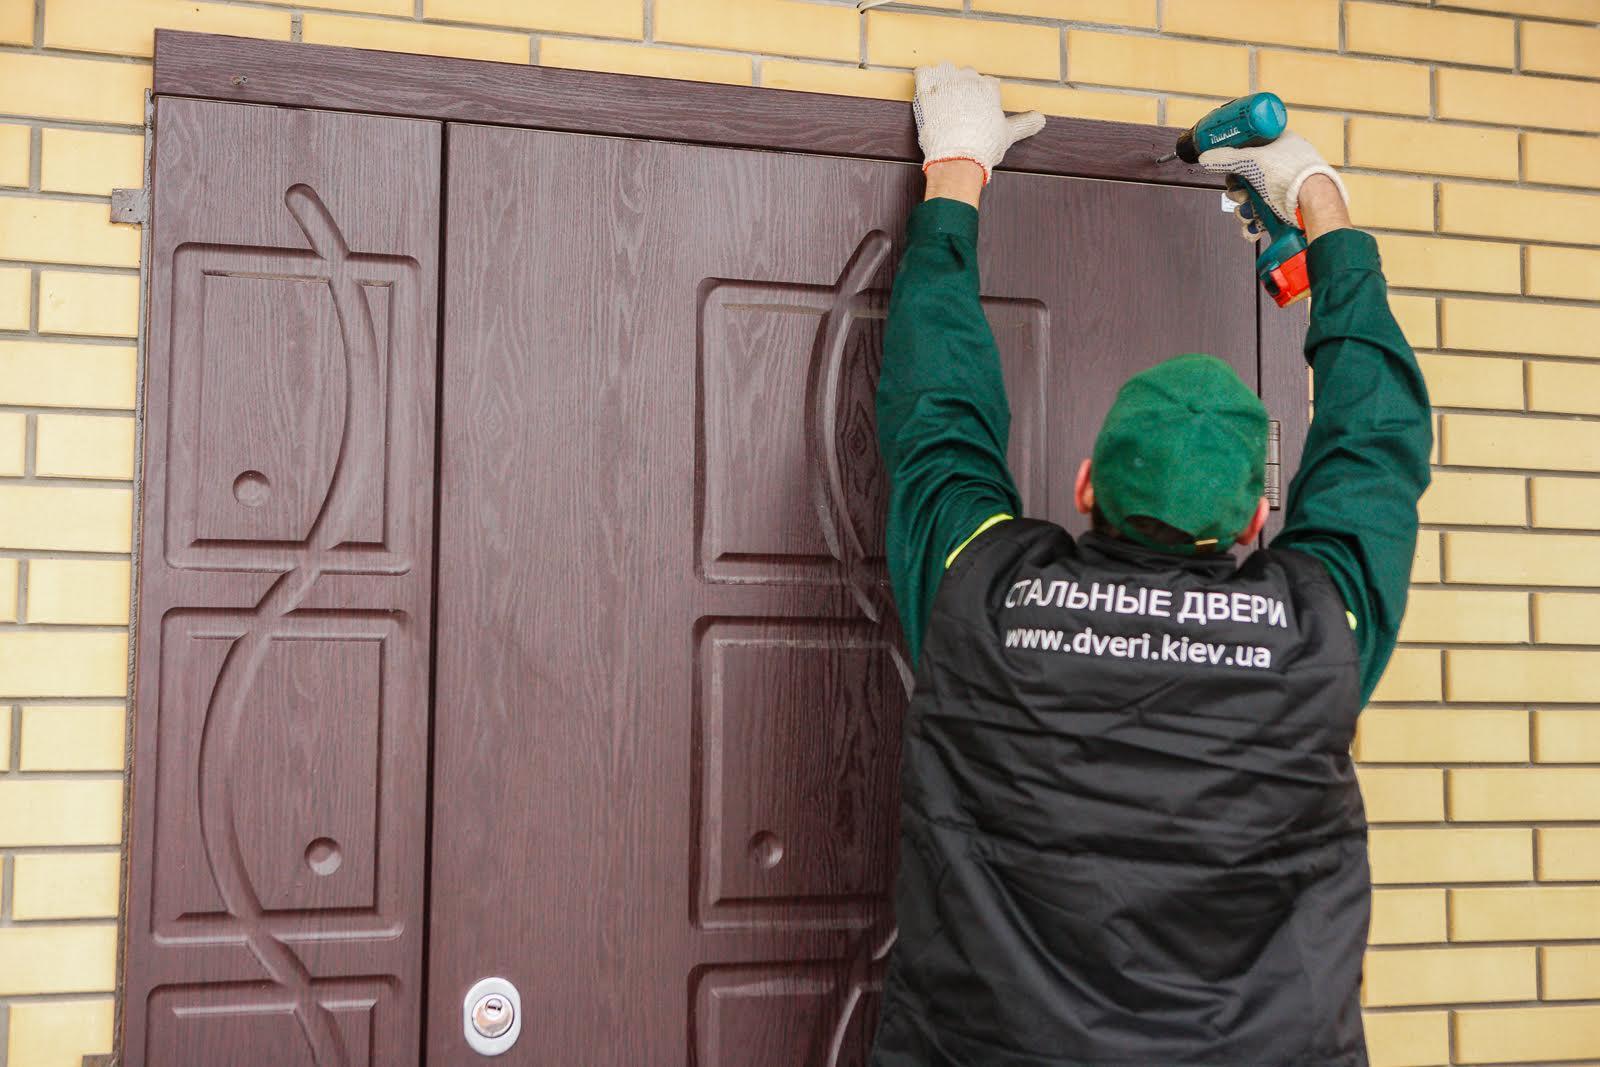 дверь металлическая купить и установить в москве